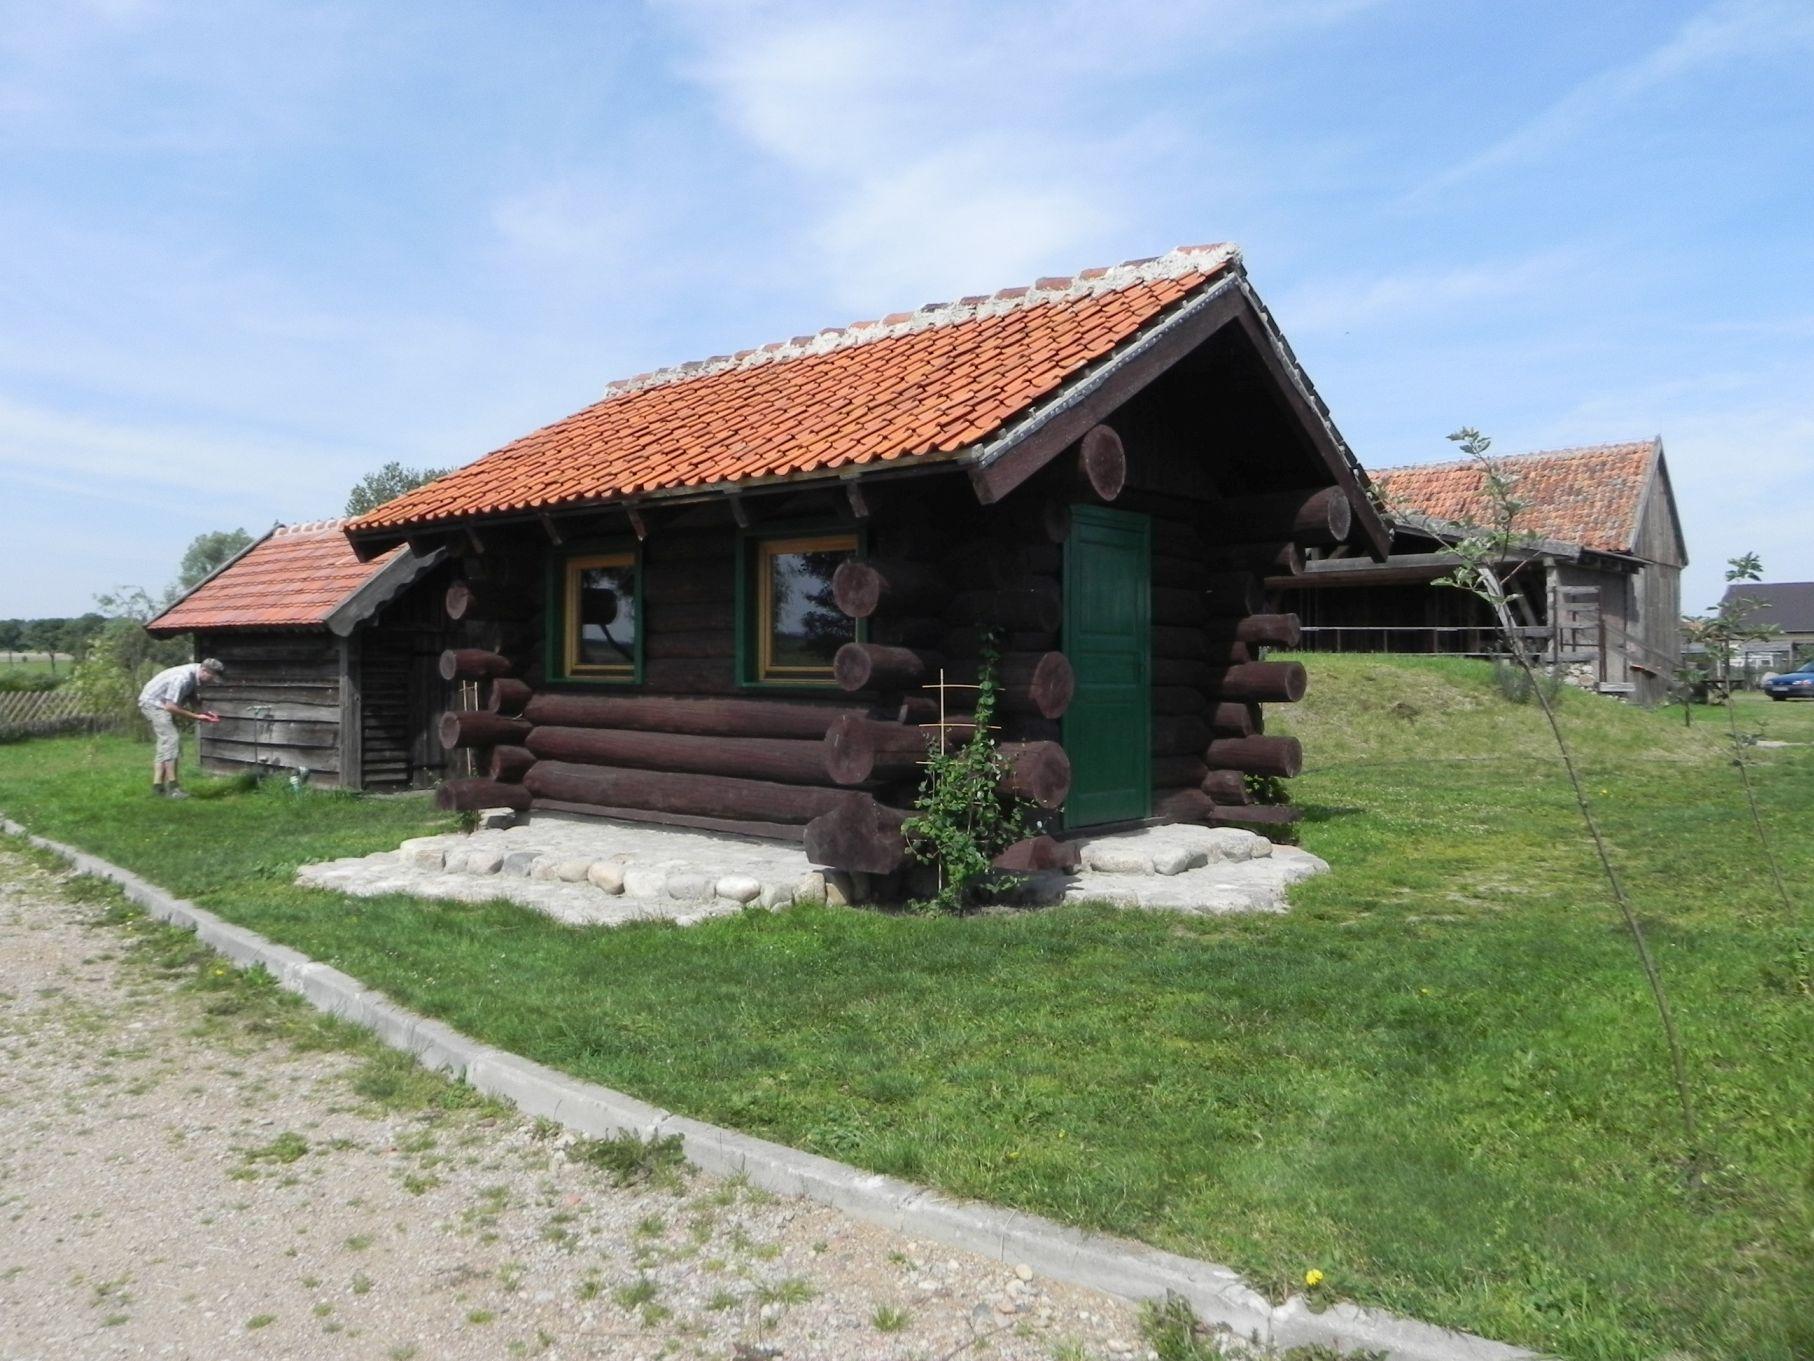 Kamionka - wioski tematyczne (27)